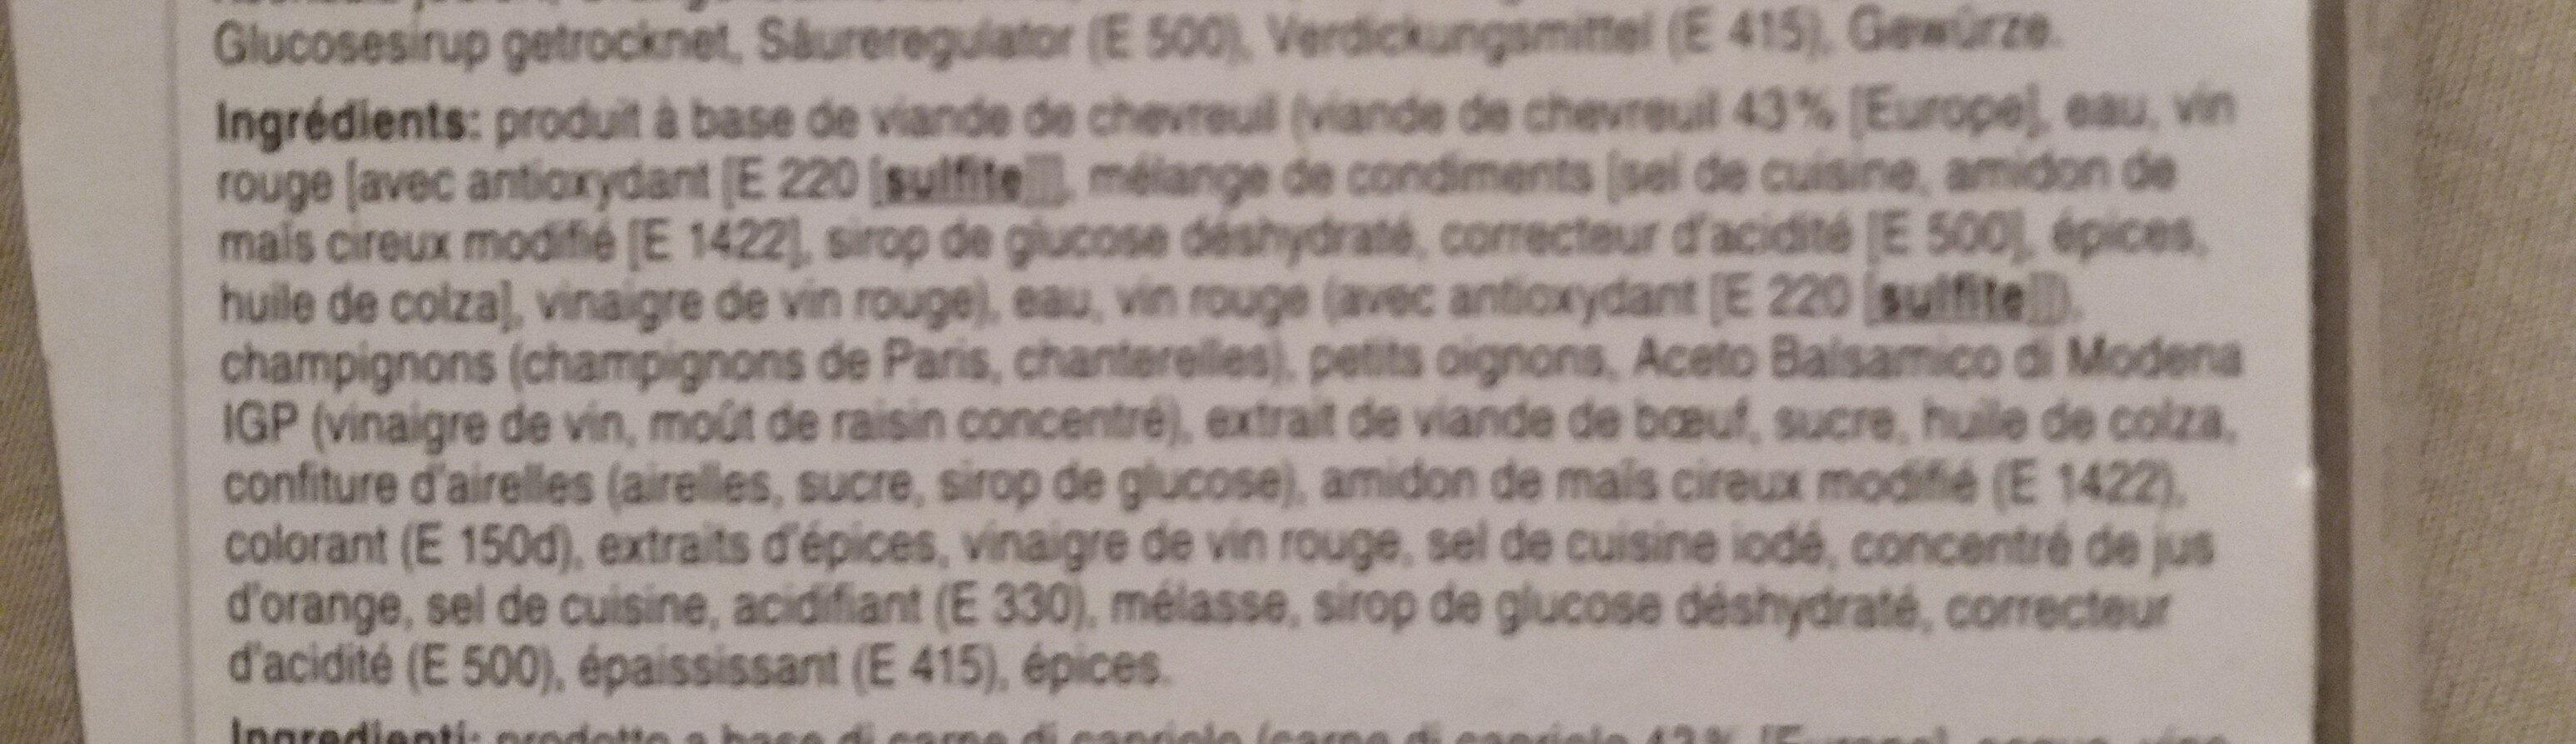 Civet de chevreuil - Ingrediënten